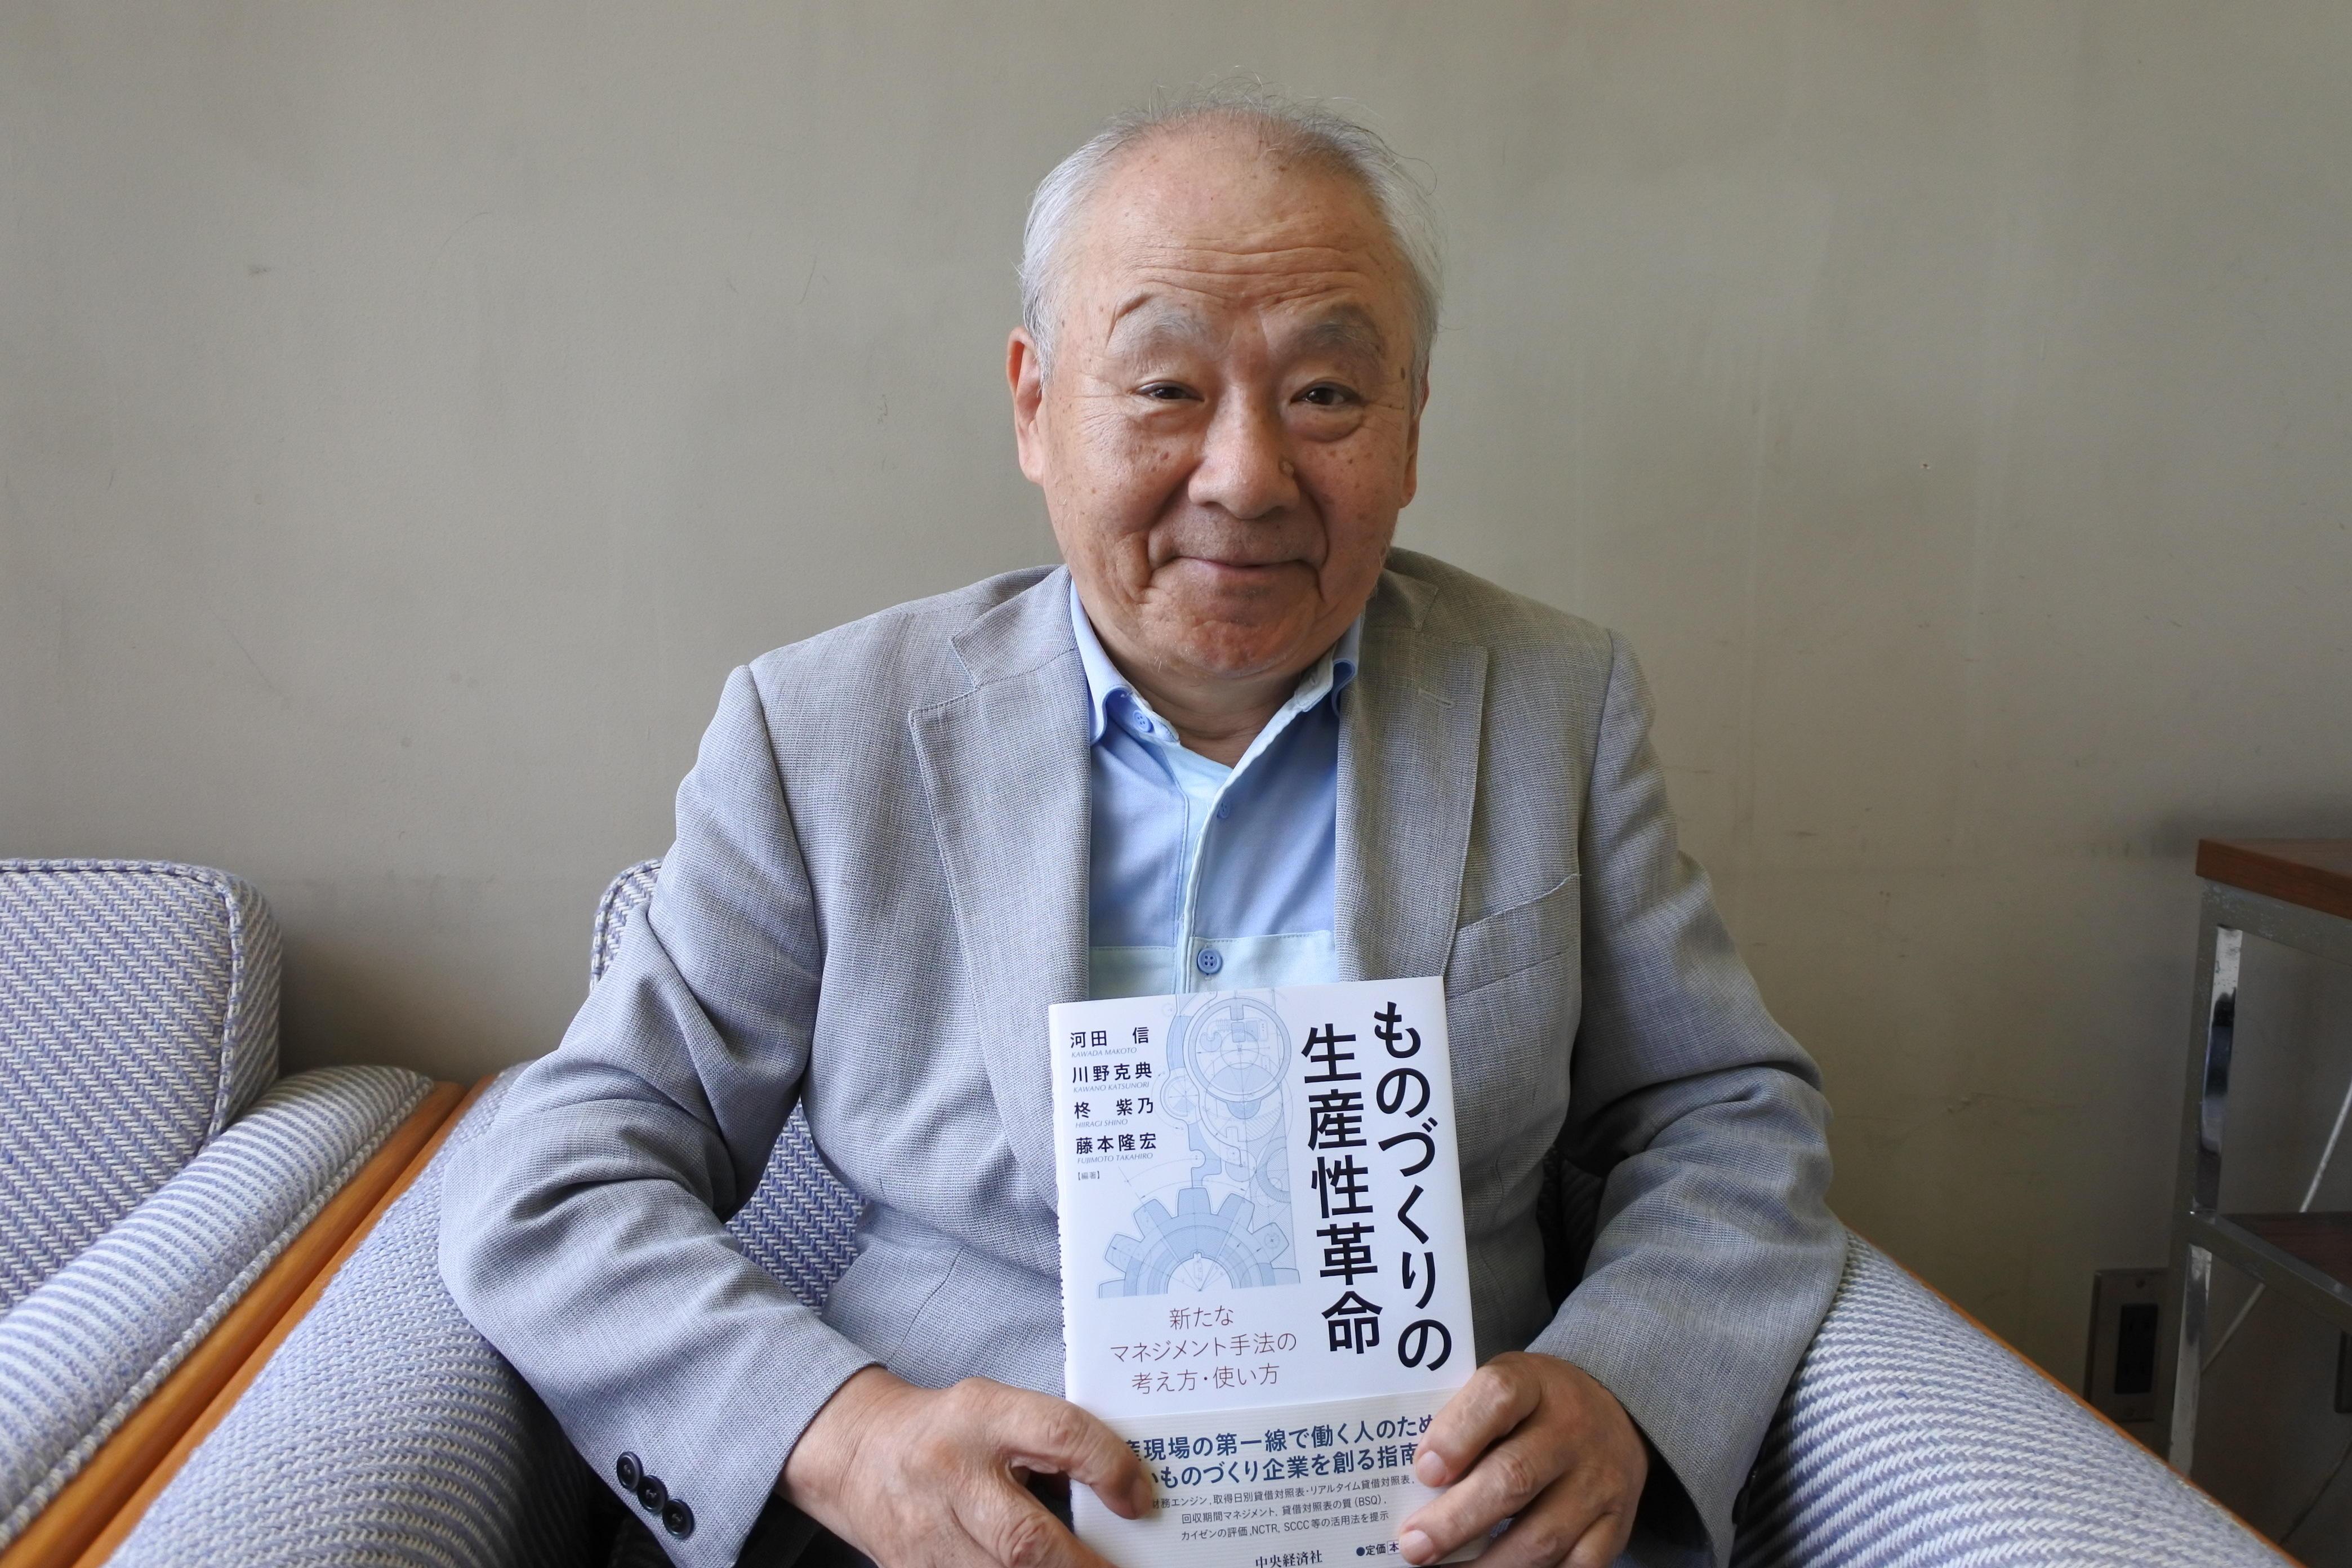 『ものづくり生産性革命』を手にする河田信名誉教授